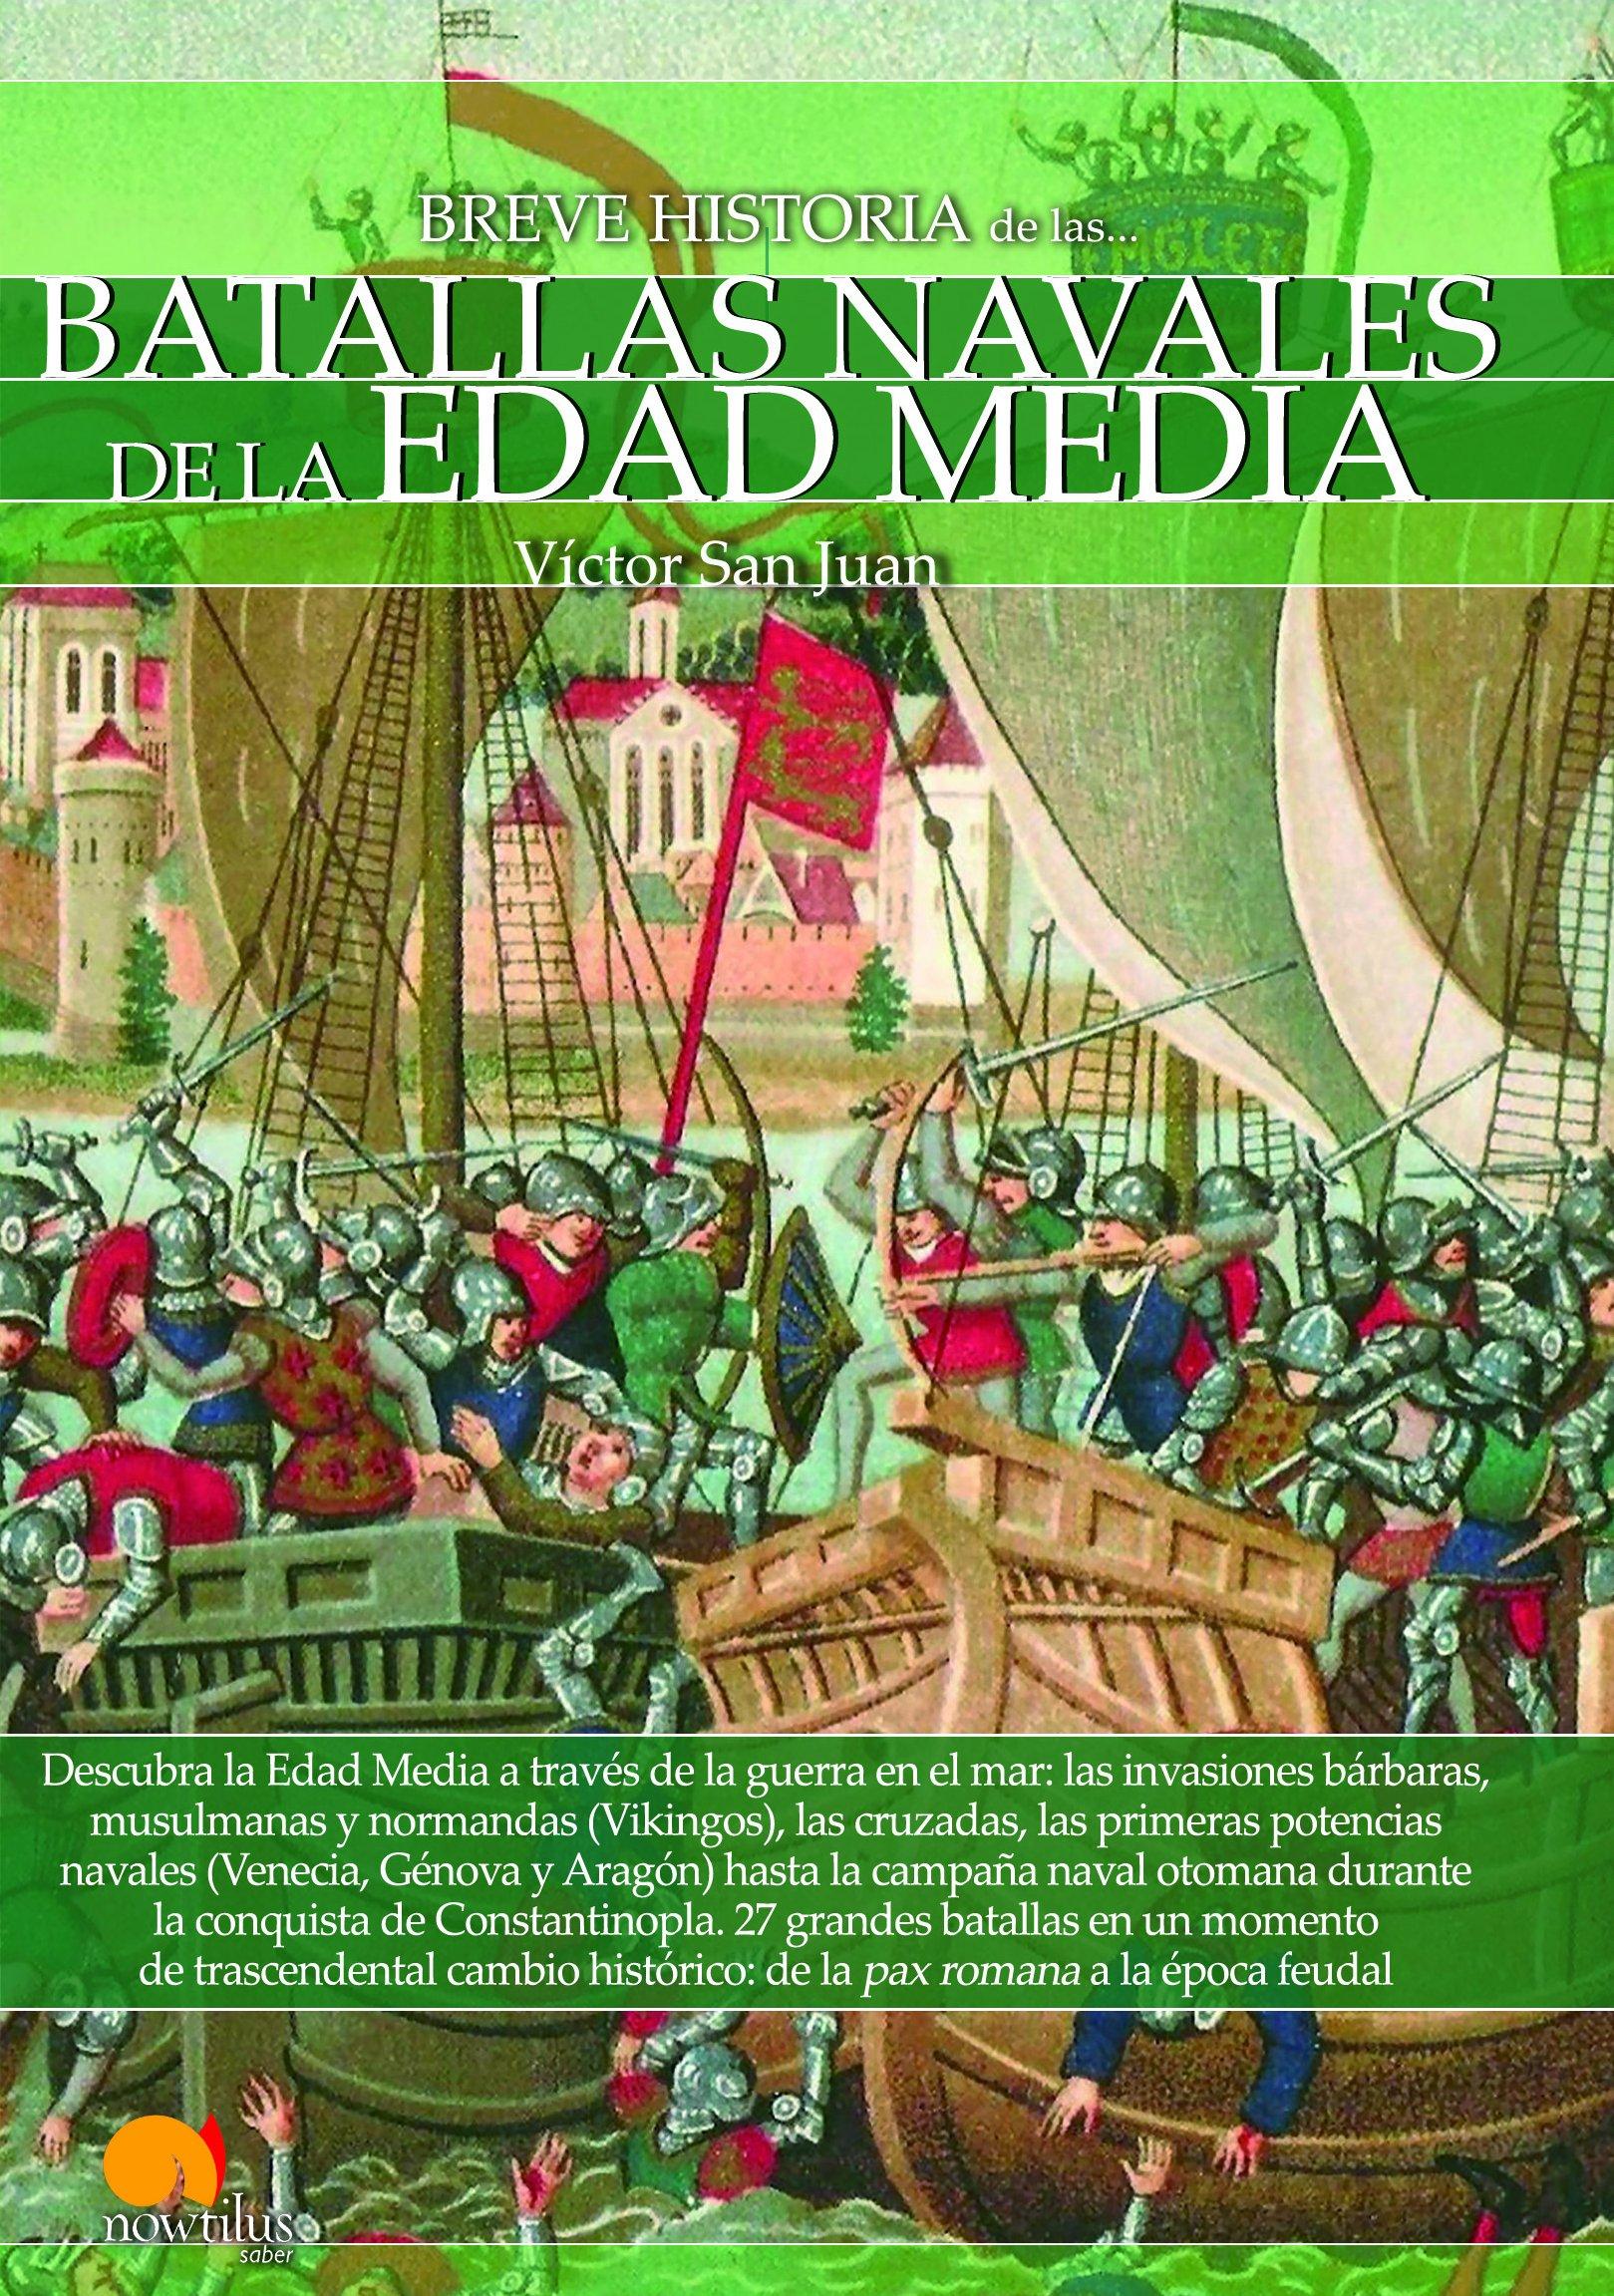 Breve historia de las Batallas navales de la Edad Media: Amazon.es ...